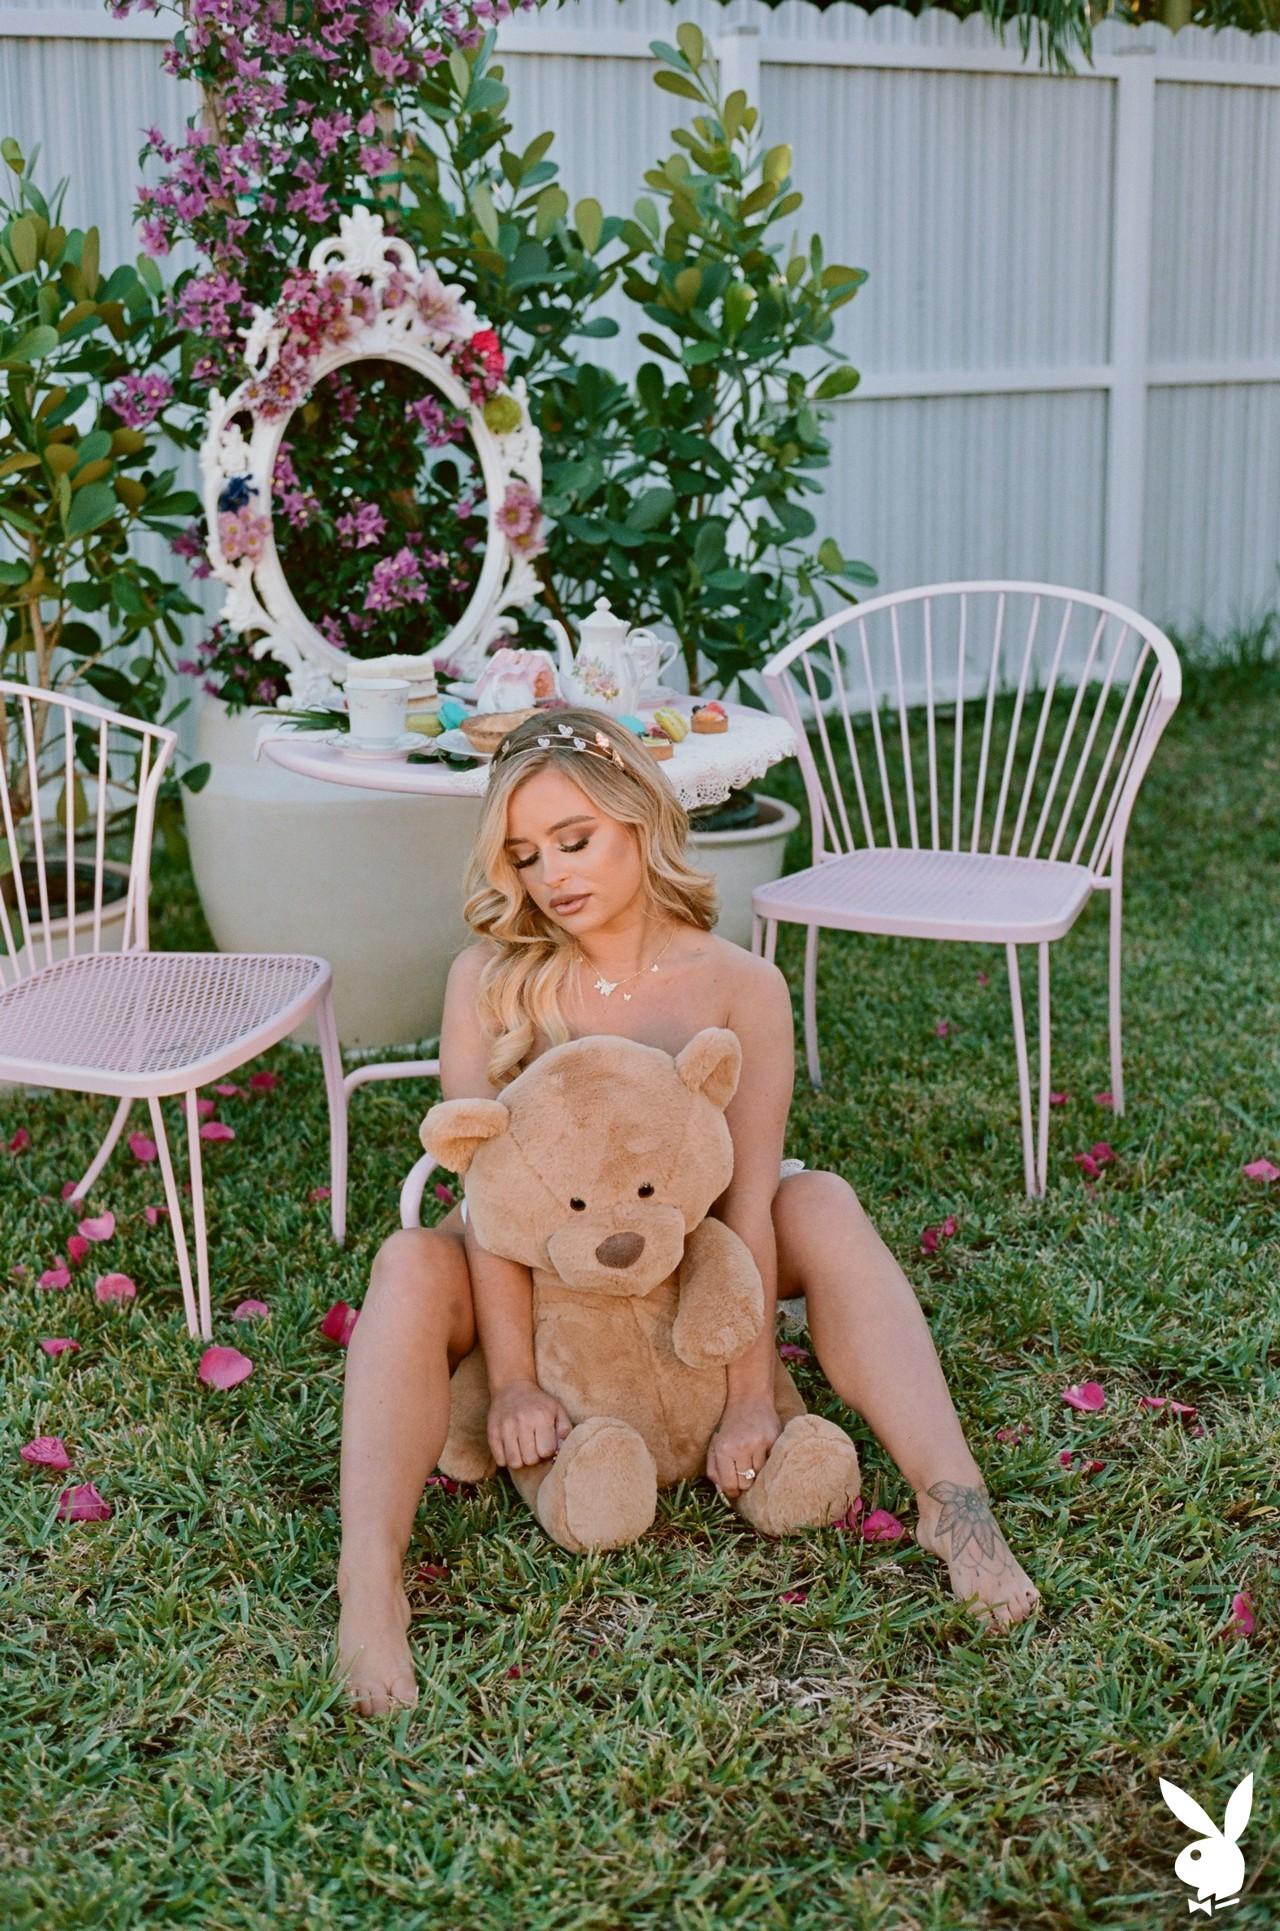 Jackie In Sweet Treats Playboy Plus (23)